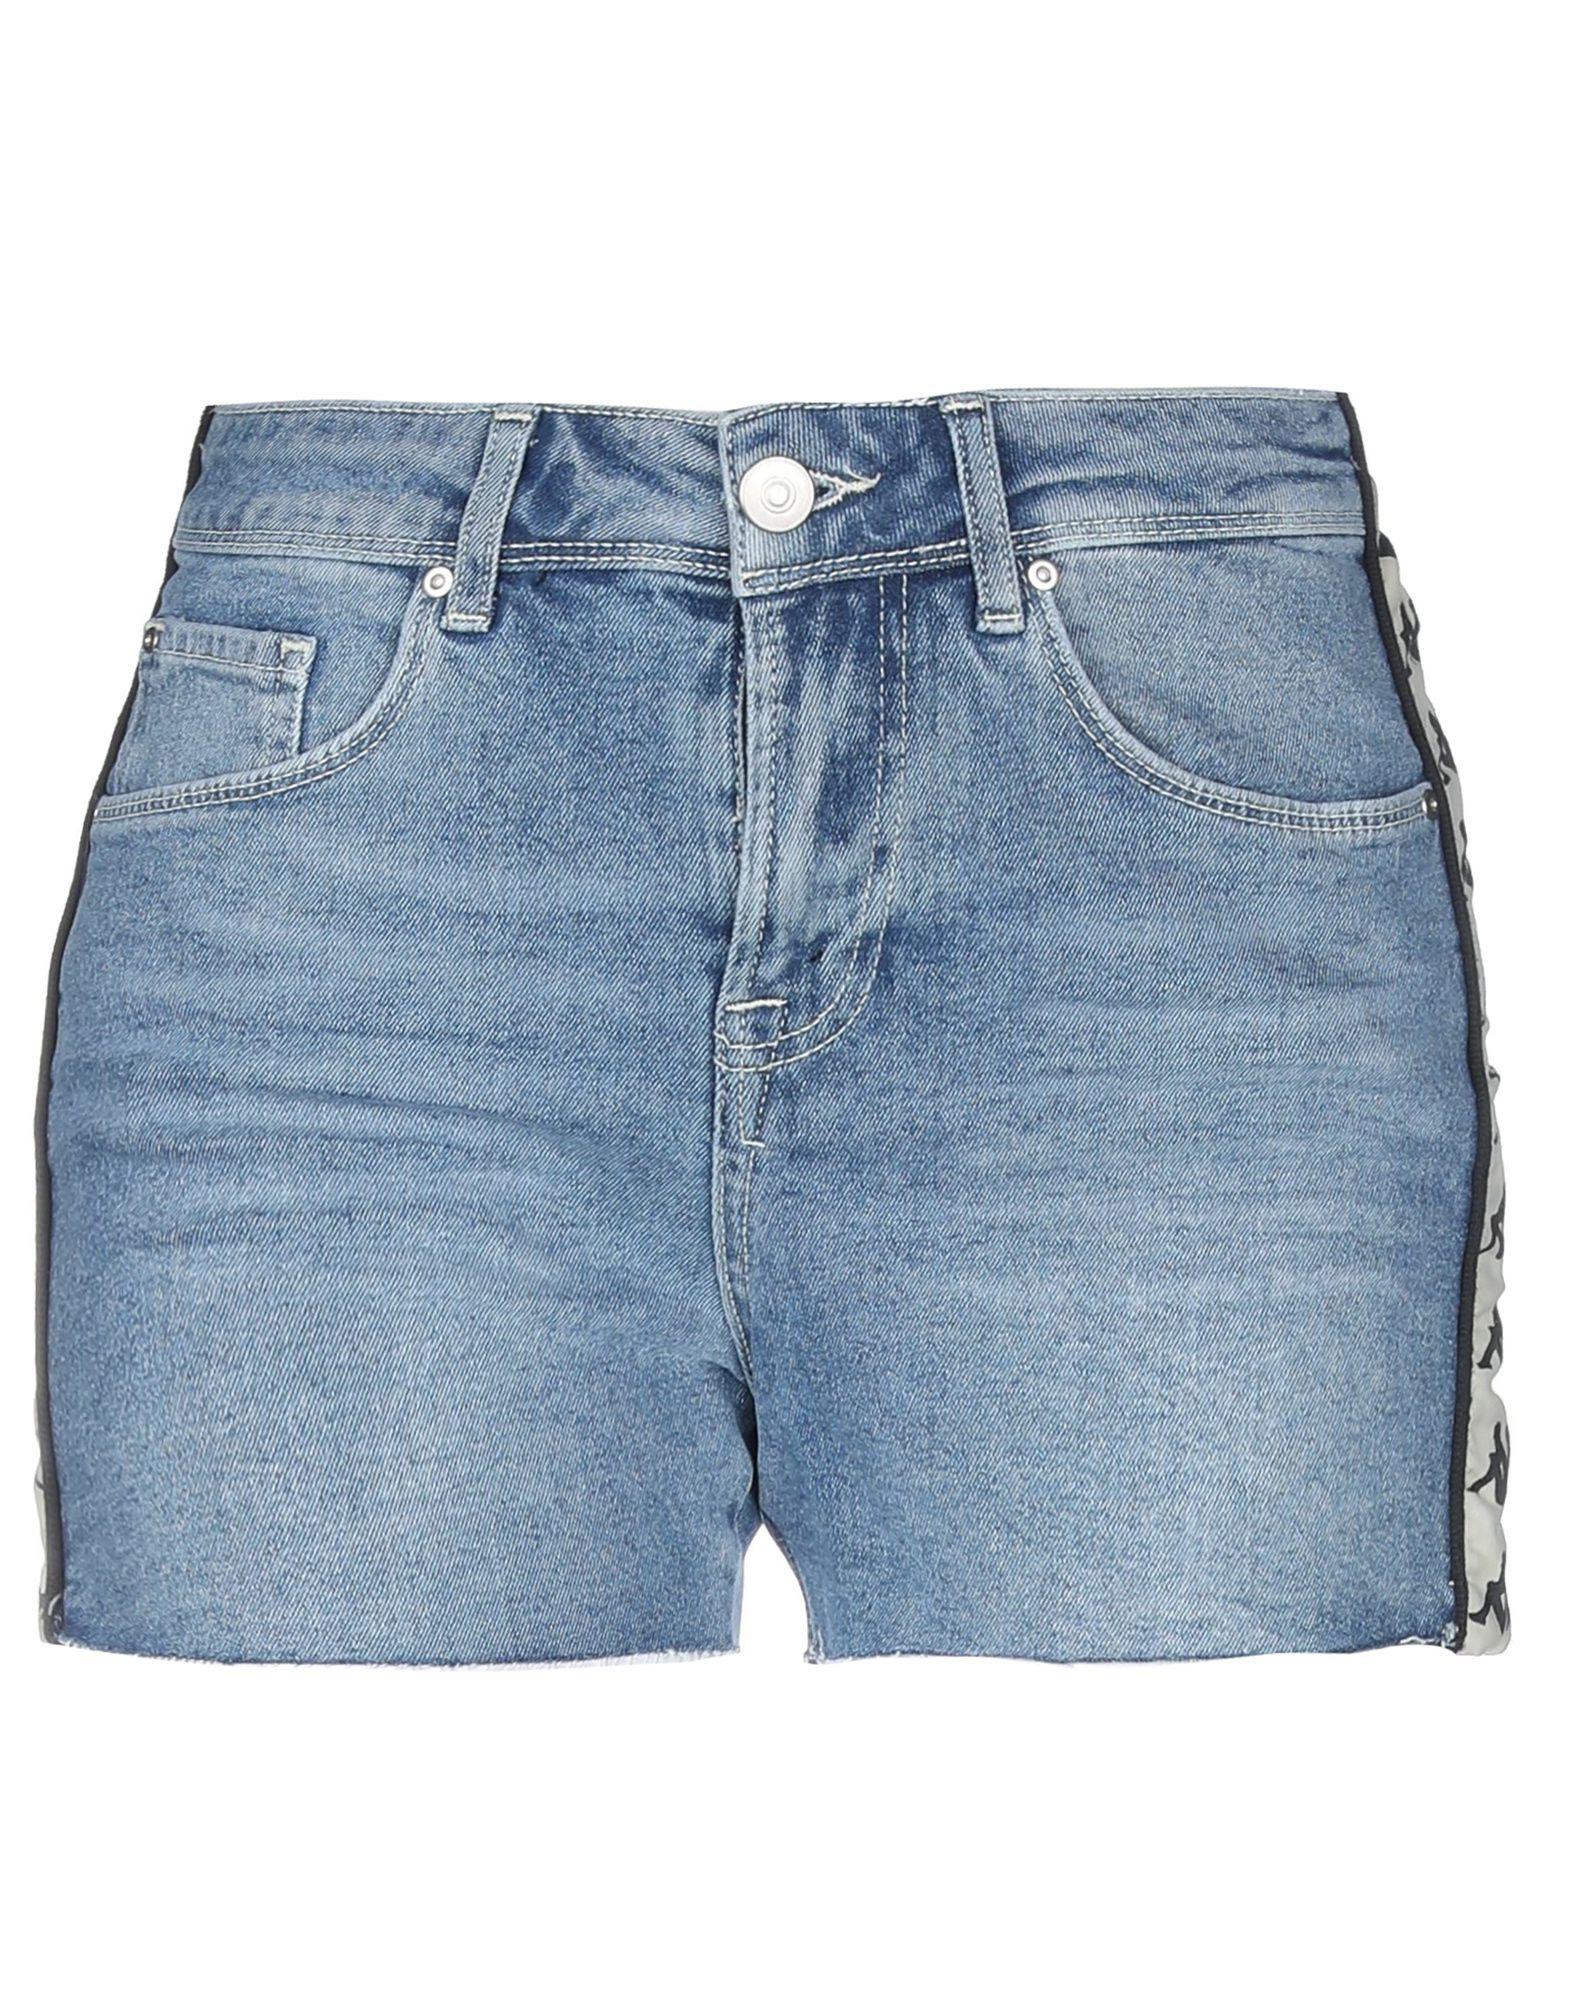 KAPPA Джинсовые шорты шорты для девочки kappa цвет темно серый 3032ne0 4a размер 140